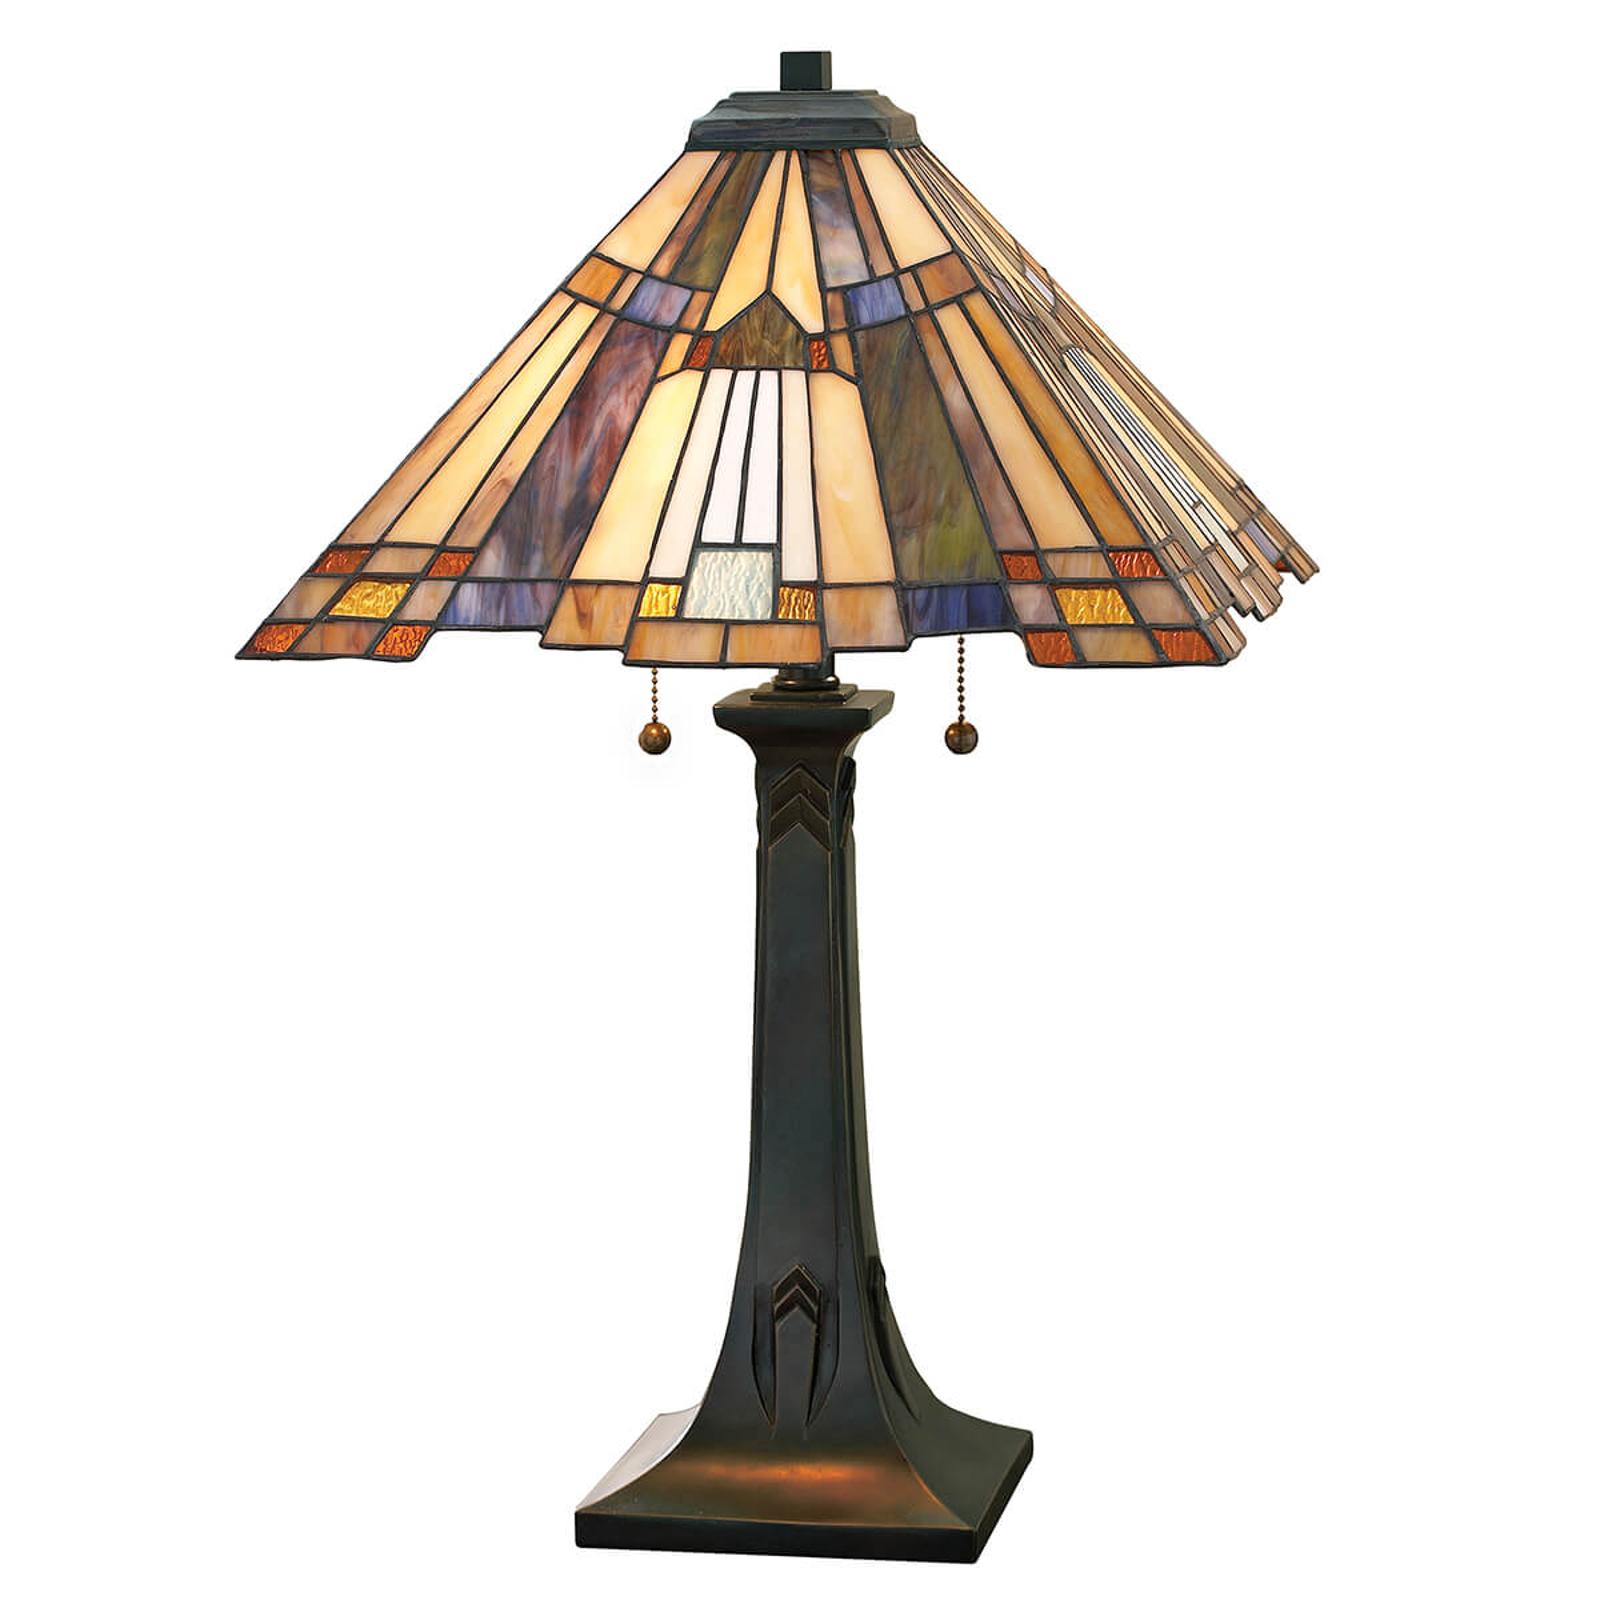 Lampada da tavolo Inglenook con vetro colorato